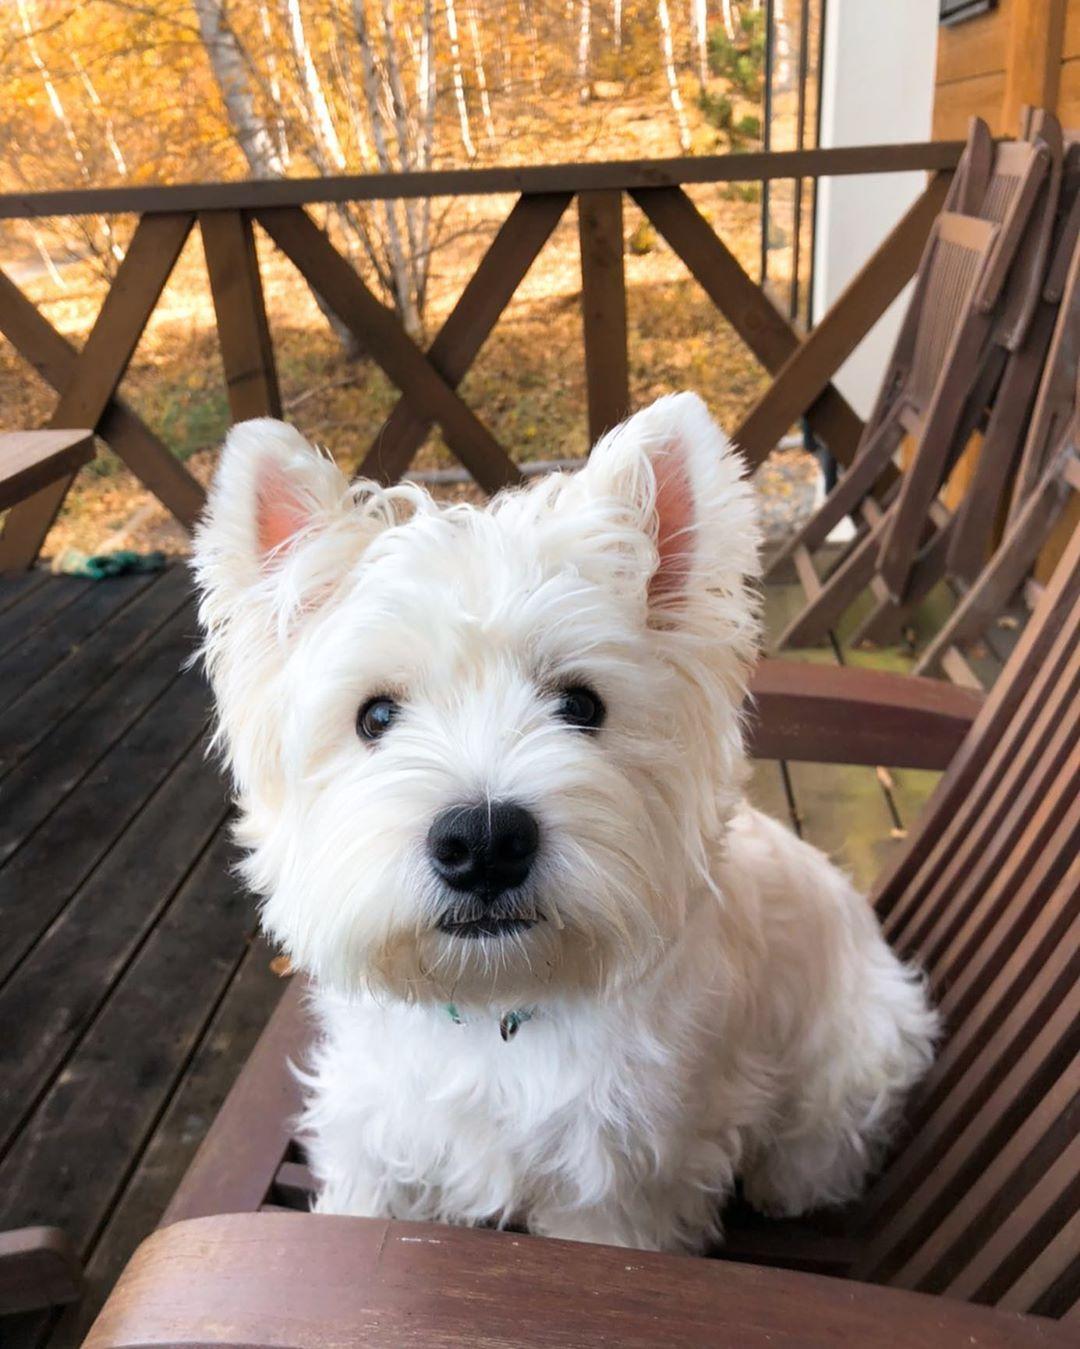 Westie Westhighlandwhiteterrier Dog ウェスティー Westie Dogs Westie Puppies Terrier Dog Breeds